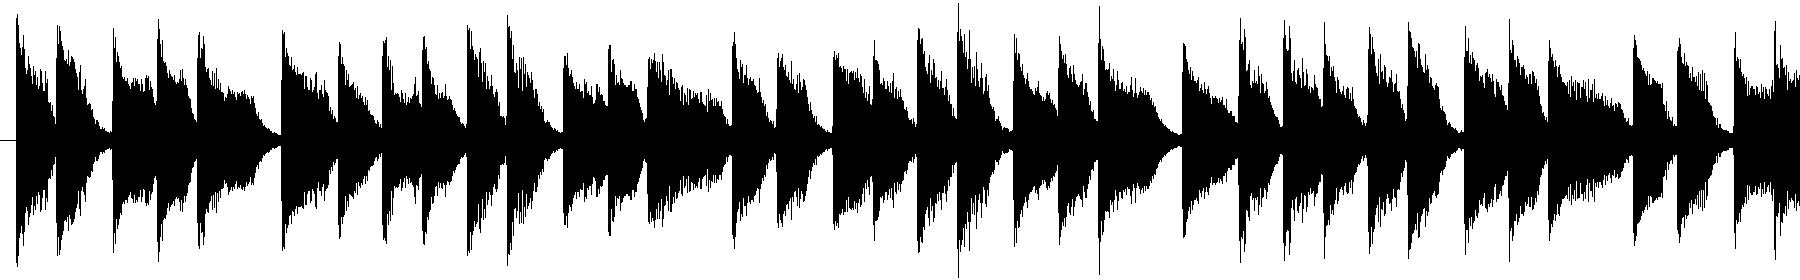 vedh melodyloop 056 fmaj7 g am fmaj7 g dm 124bpm